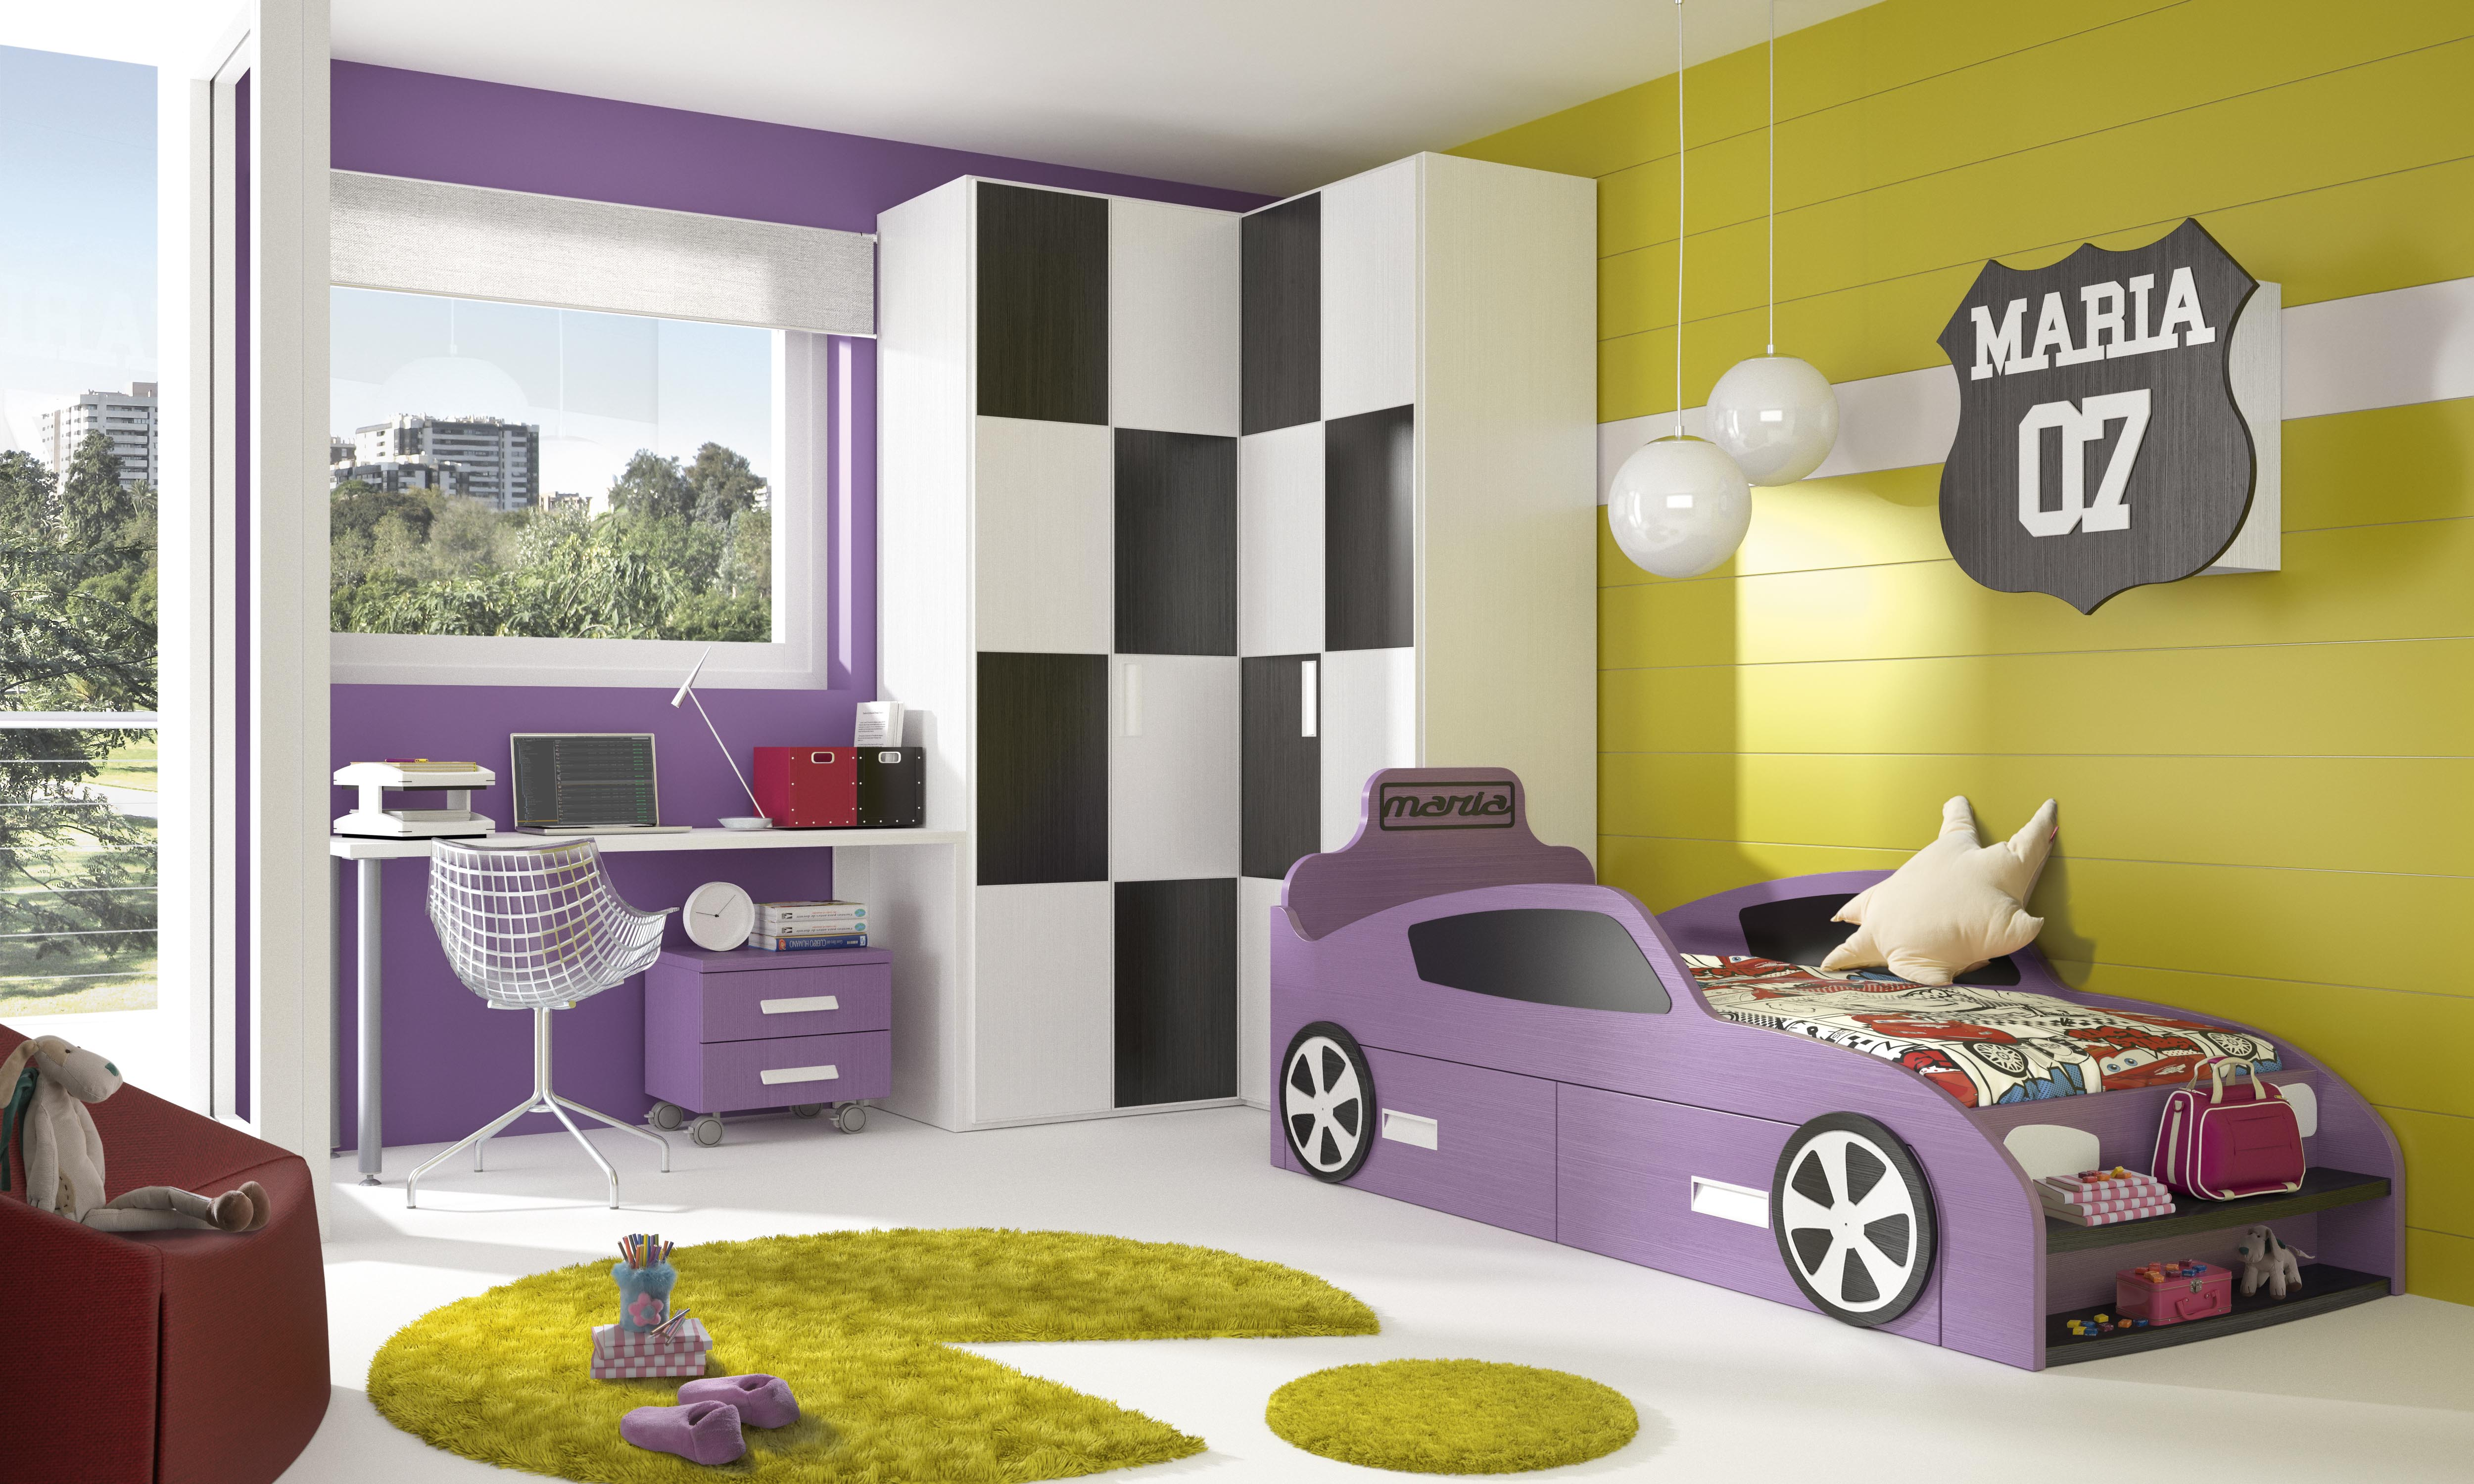 Habitaciones infantiles originales: a un paso de la imaginación